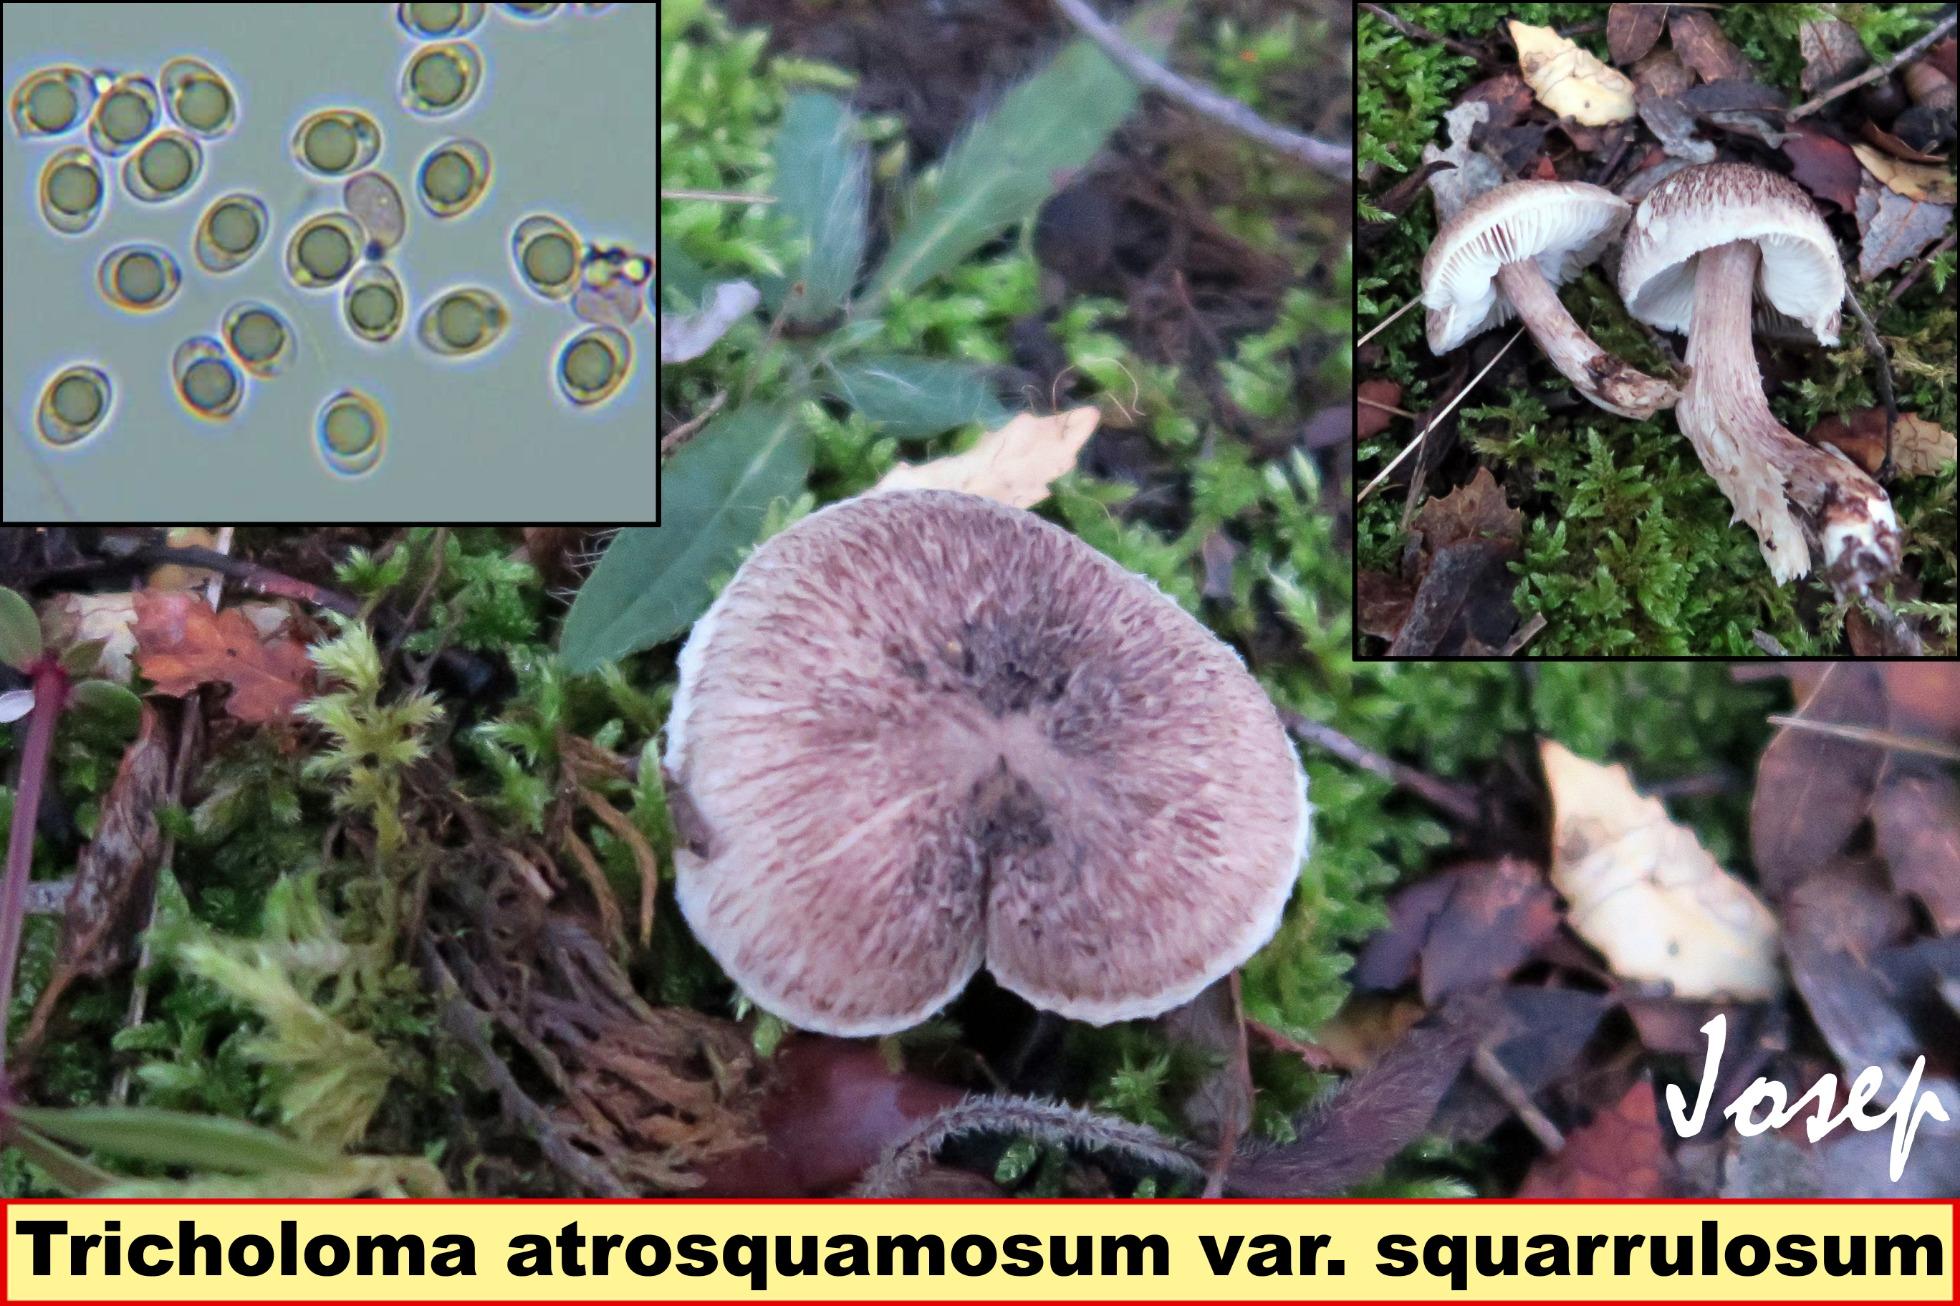 Tricholomaatrosquamosumvar.squarrulosum_2019-02-16.jpg